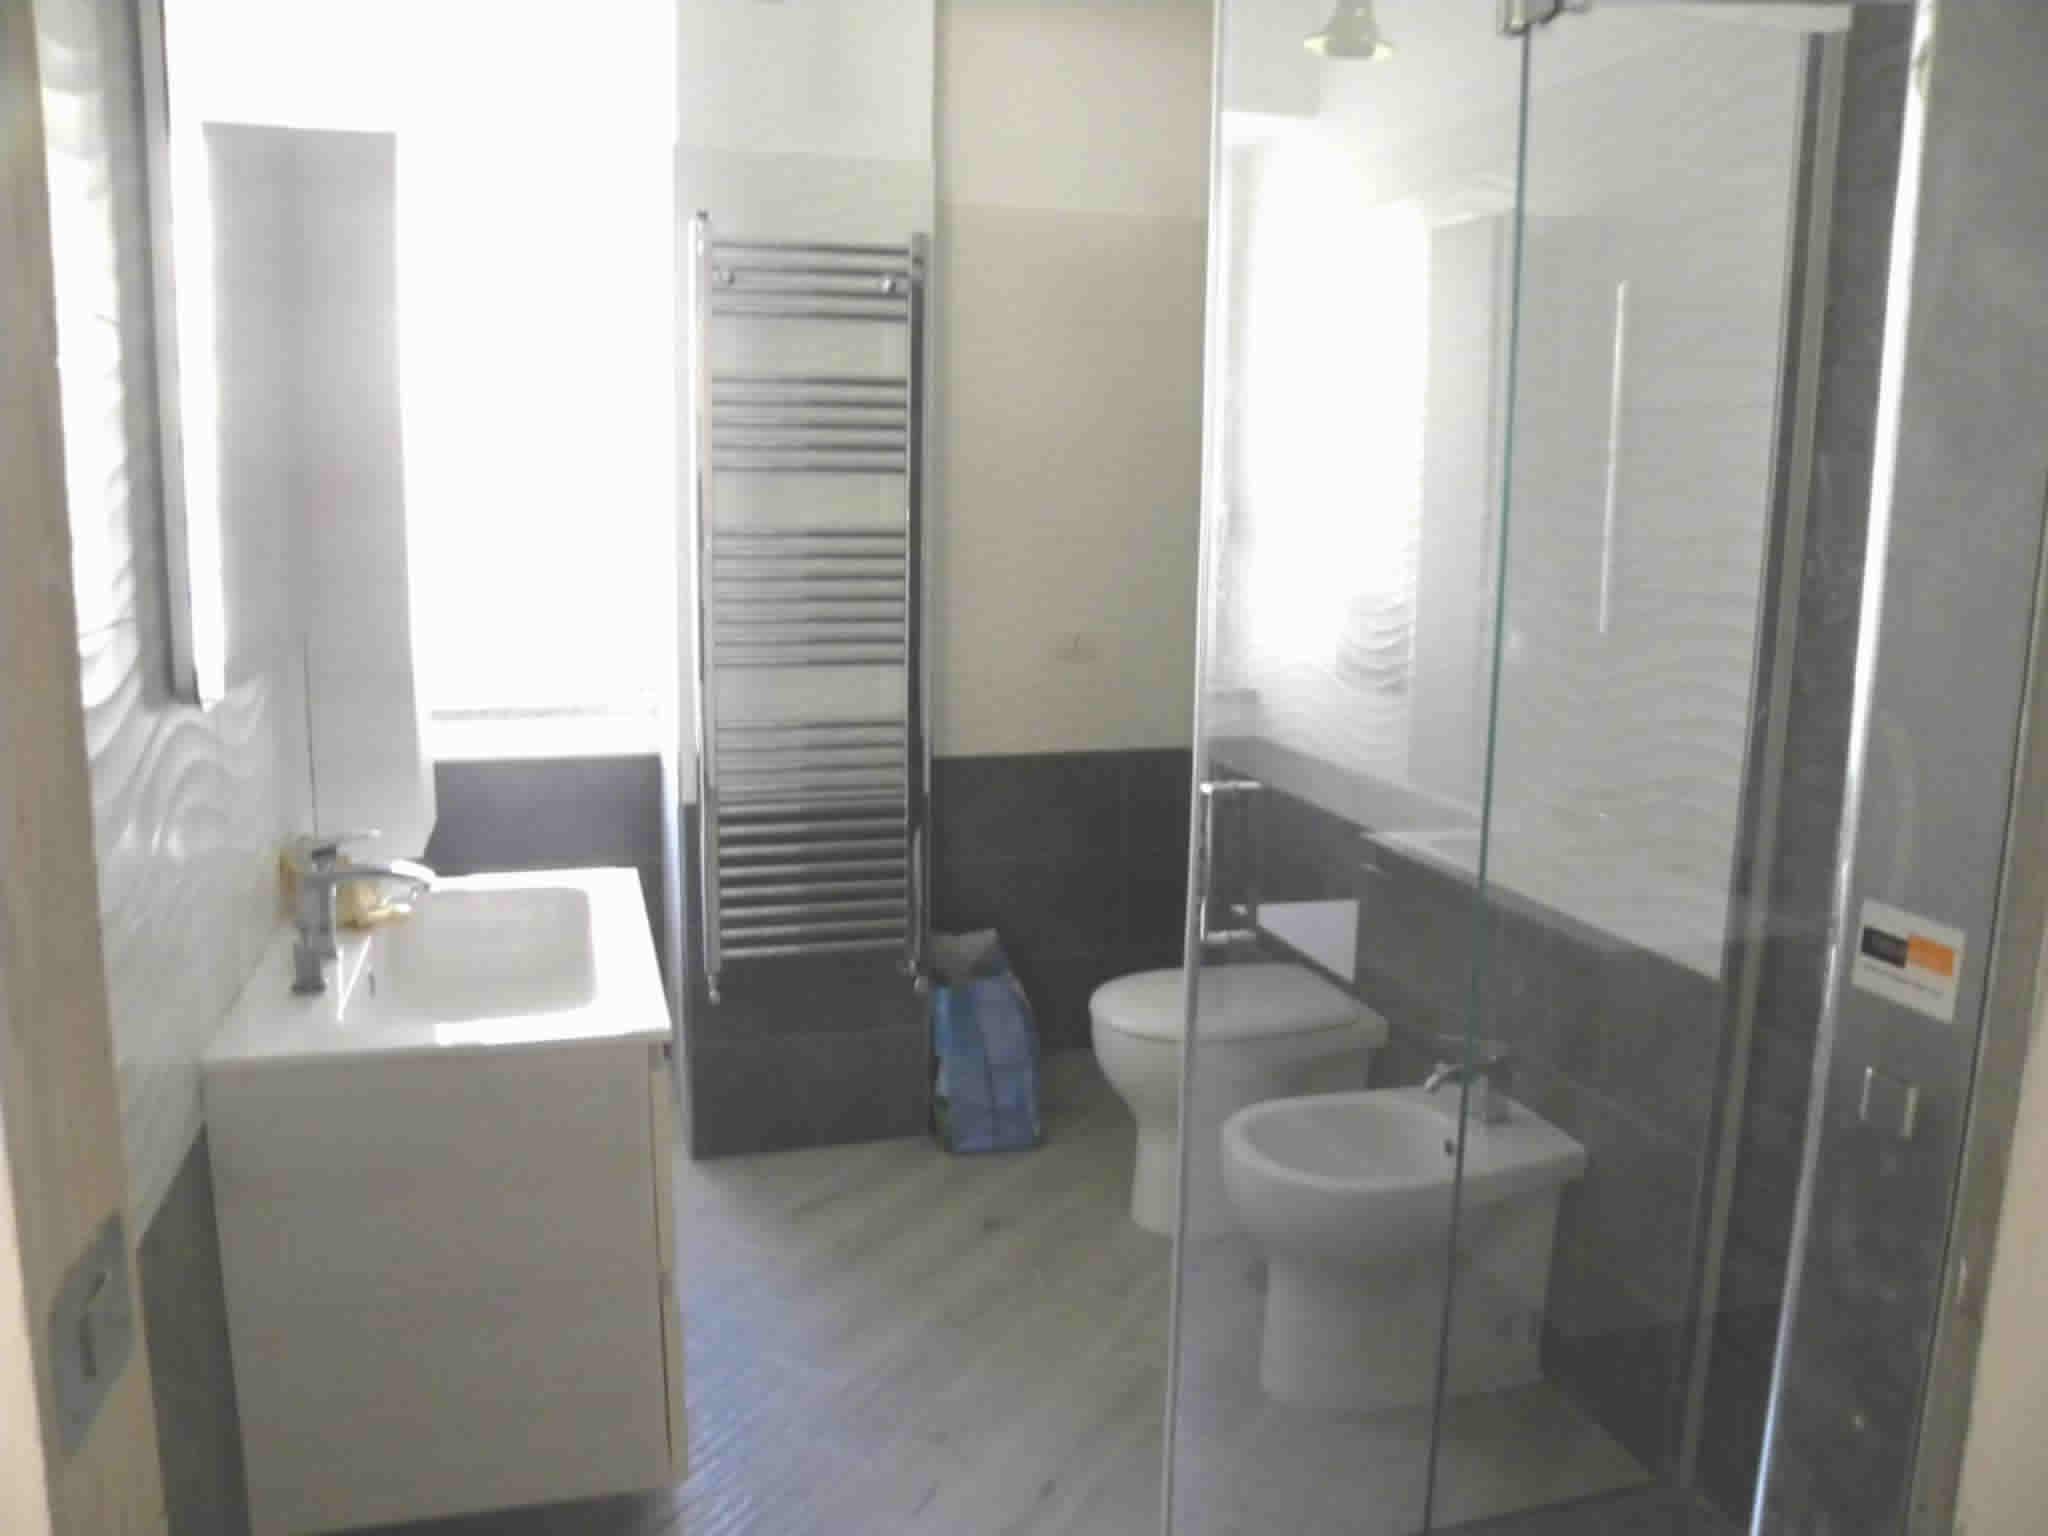 Ristrutturazione bagno roma - Idee ristrutturare bagno ...